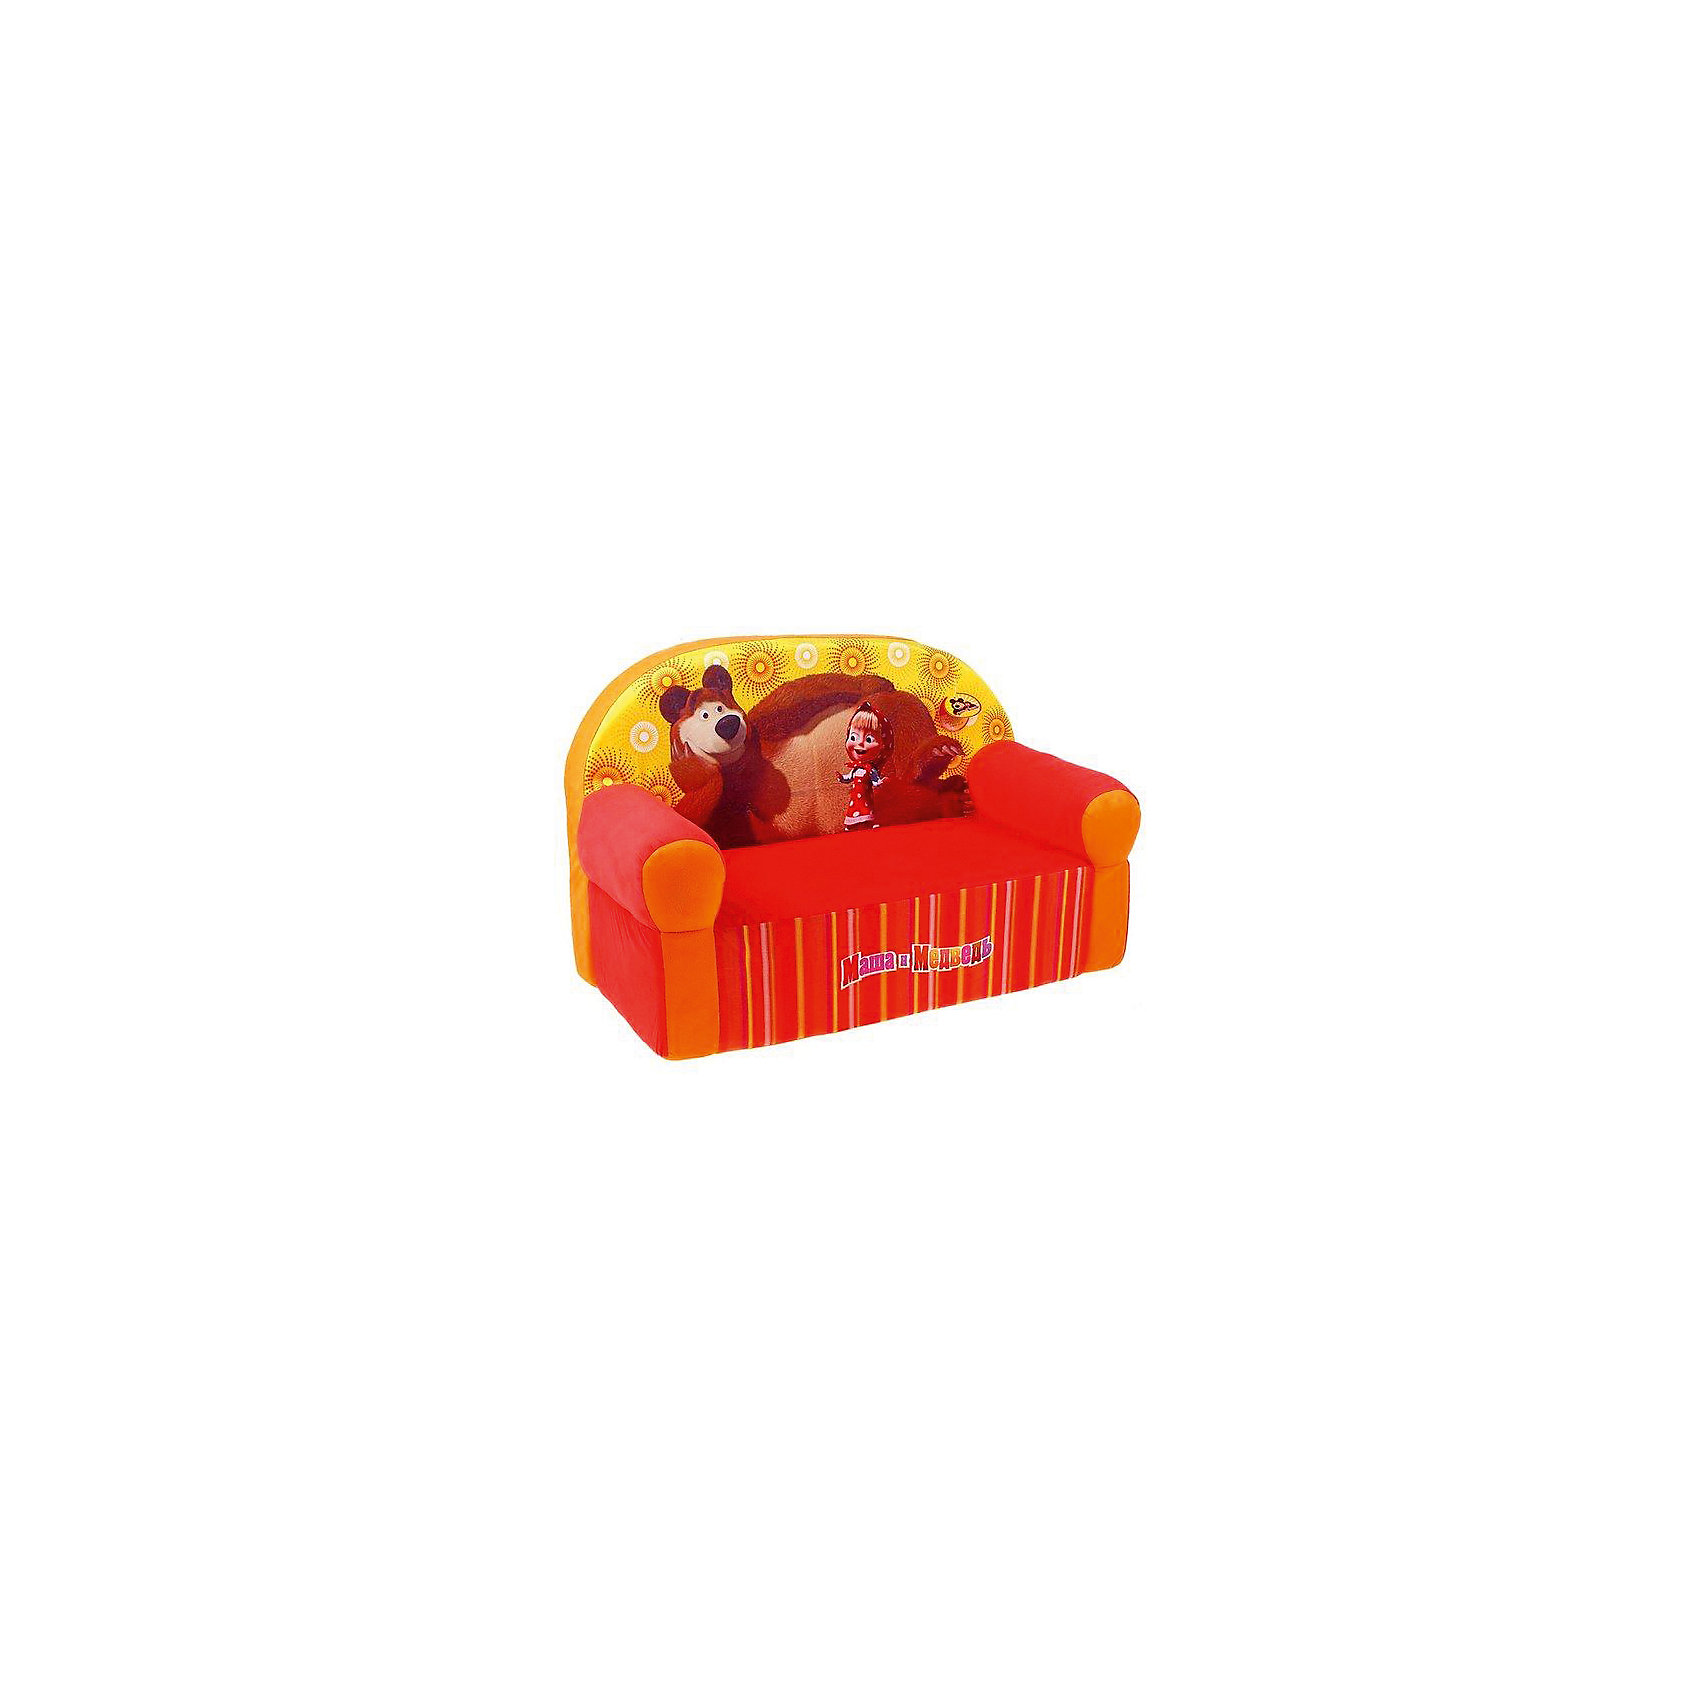 Мягкий диван Маша и Медведь, СмолТойс, оранжевыйМебель<br>Детям очень важно иметь свои вещи, это касается не только игрушек, но и мебели. Именно поэтому такое кресло станет действительно желанным подарком для малыша. Тем более, что на нем изображены любимые мультяшные герои современных детей - Маша и Медведь.<br>Обивка кресла - очень приятная на ощупь. Наполнитель - мягкий, внутри нет жестких деталей. Кресло легкое, но устойчивое. Детям будет приятно и удобно в нем сидеть или играть. Этот предмет мебели оживит и украсит детскую комнату!<br><br>Дополнительная информация:<br><br>цвет: разноцветный;<br>материал: трикотаж, пенополиуретан;<br>украшено изображением Маши и Медведя;<br>размер: 53 х 32 х 41 см.<br><br>Мягкое кресло Маша и Медведь от можно купить в нашем магазине.<br><br>Ширина мм: 35<br>Глубина мм: 70<br>Высота мм: 45<br>Вес г: 1780<br>Возраст от месяцев: 36<br>Возраст до месяцев: 1188<br>Пол: Унисекс<br>Возраст: Детский<br>SKU: 4996594